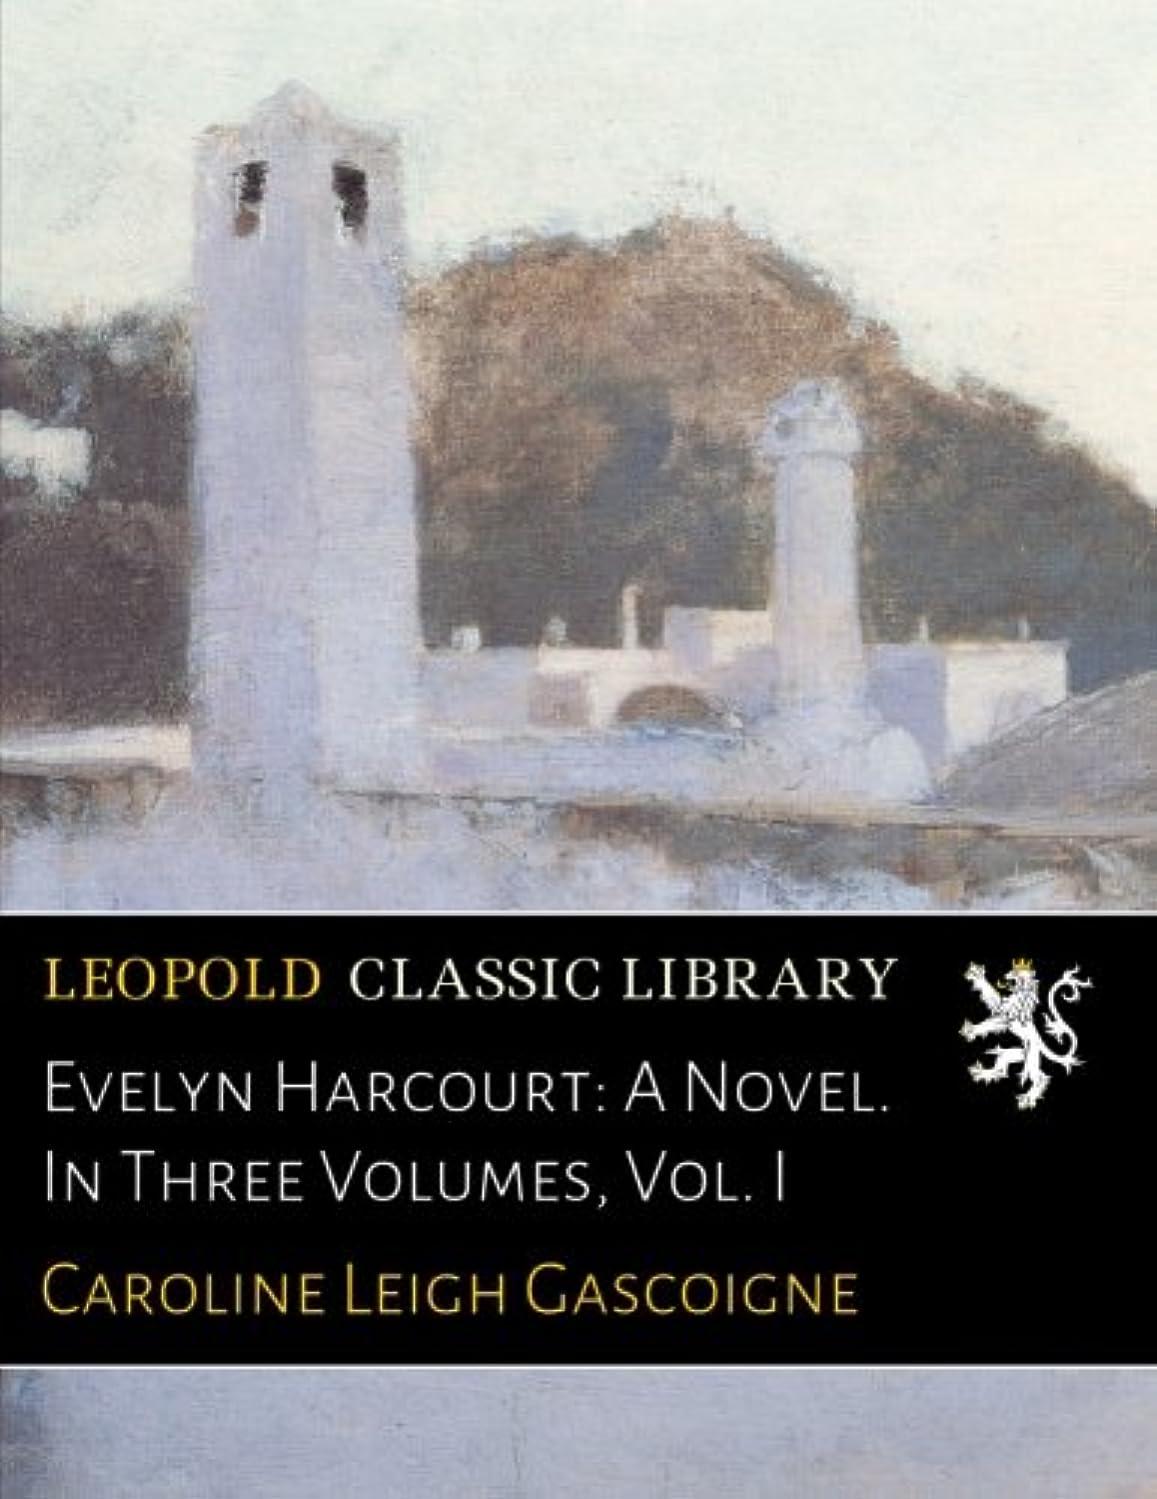 放送禁止する選挙Evelyn Harcourt: A Novel. In Three Volumes, Vol. I